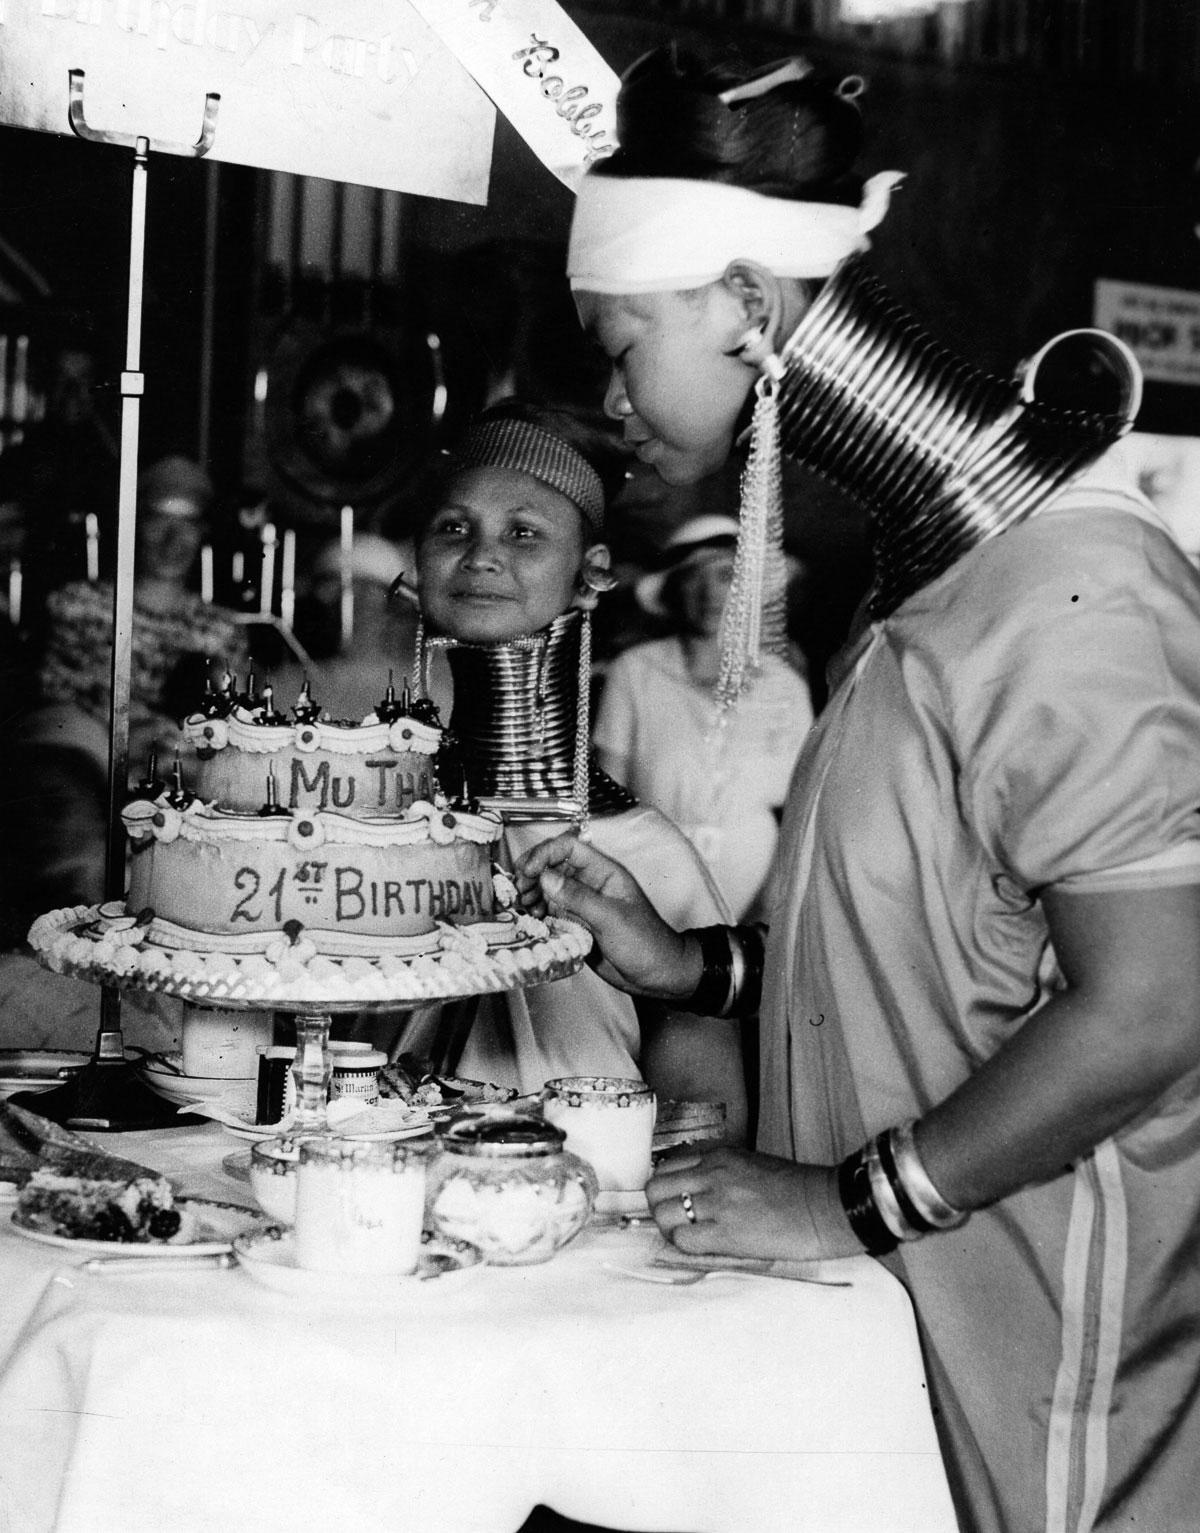 Una de las mujeres celebra su cumpleaños número 21 con un pastel.